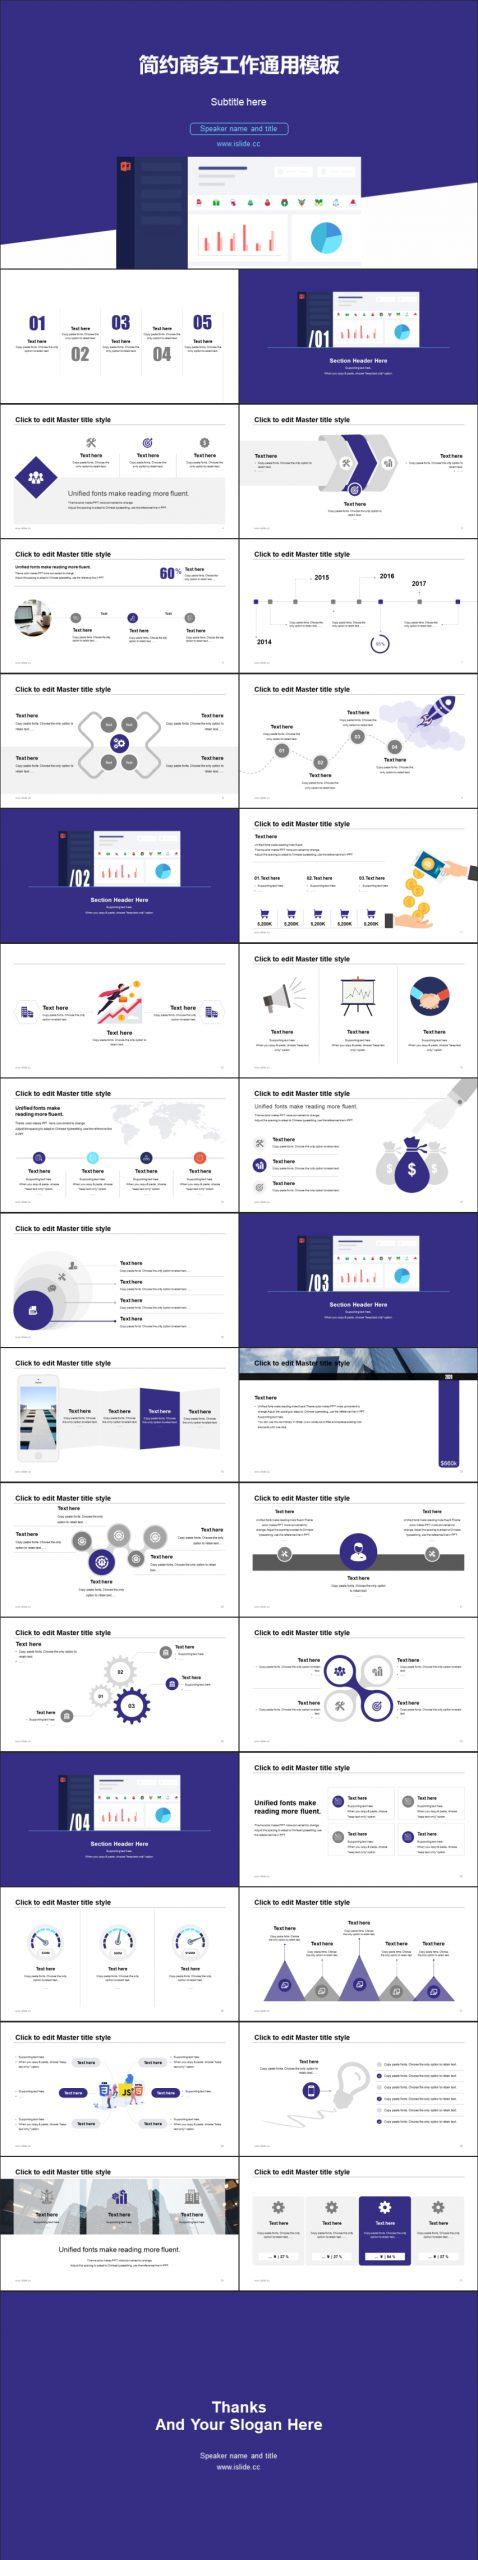 蓝色简约商务数据分析PPT模板下载_预览图2